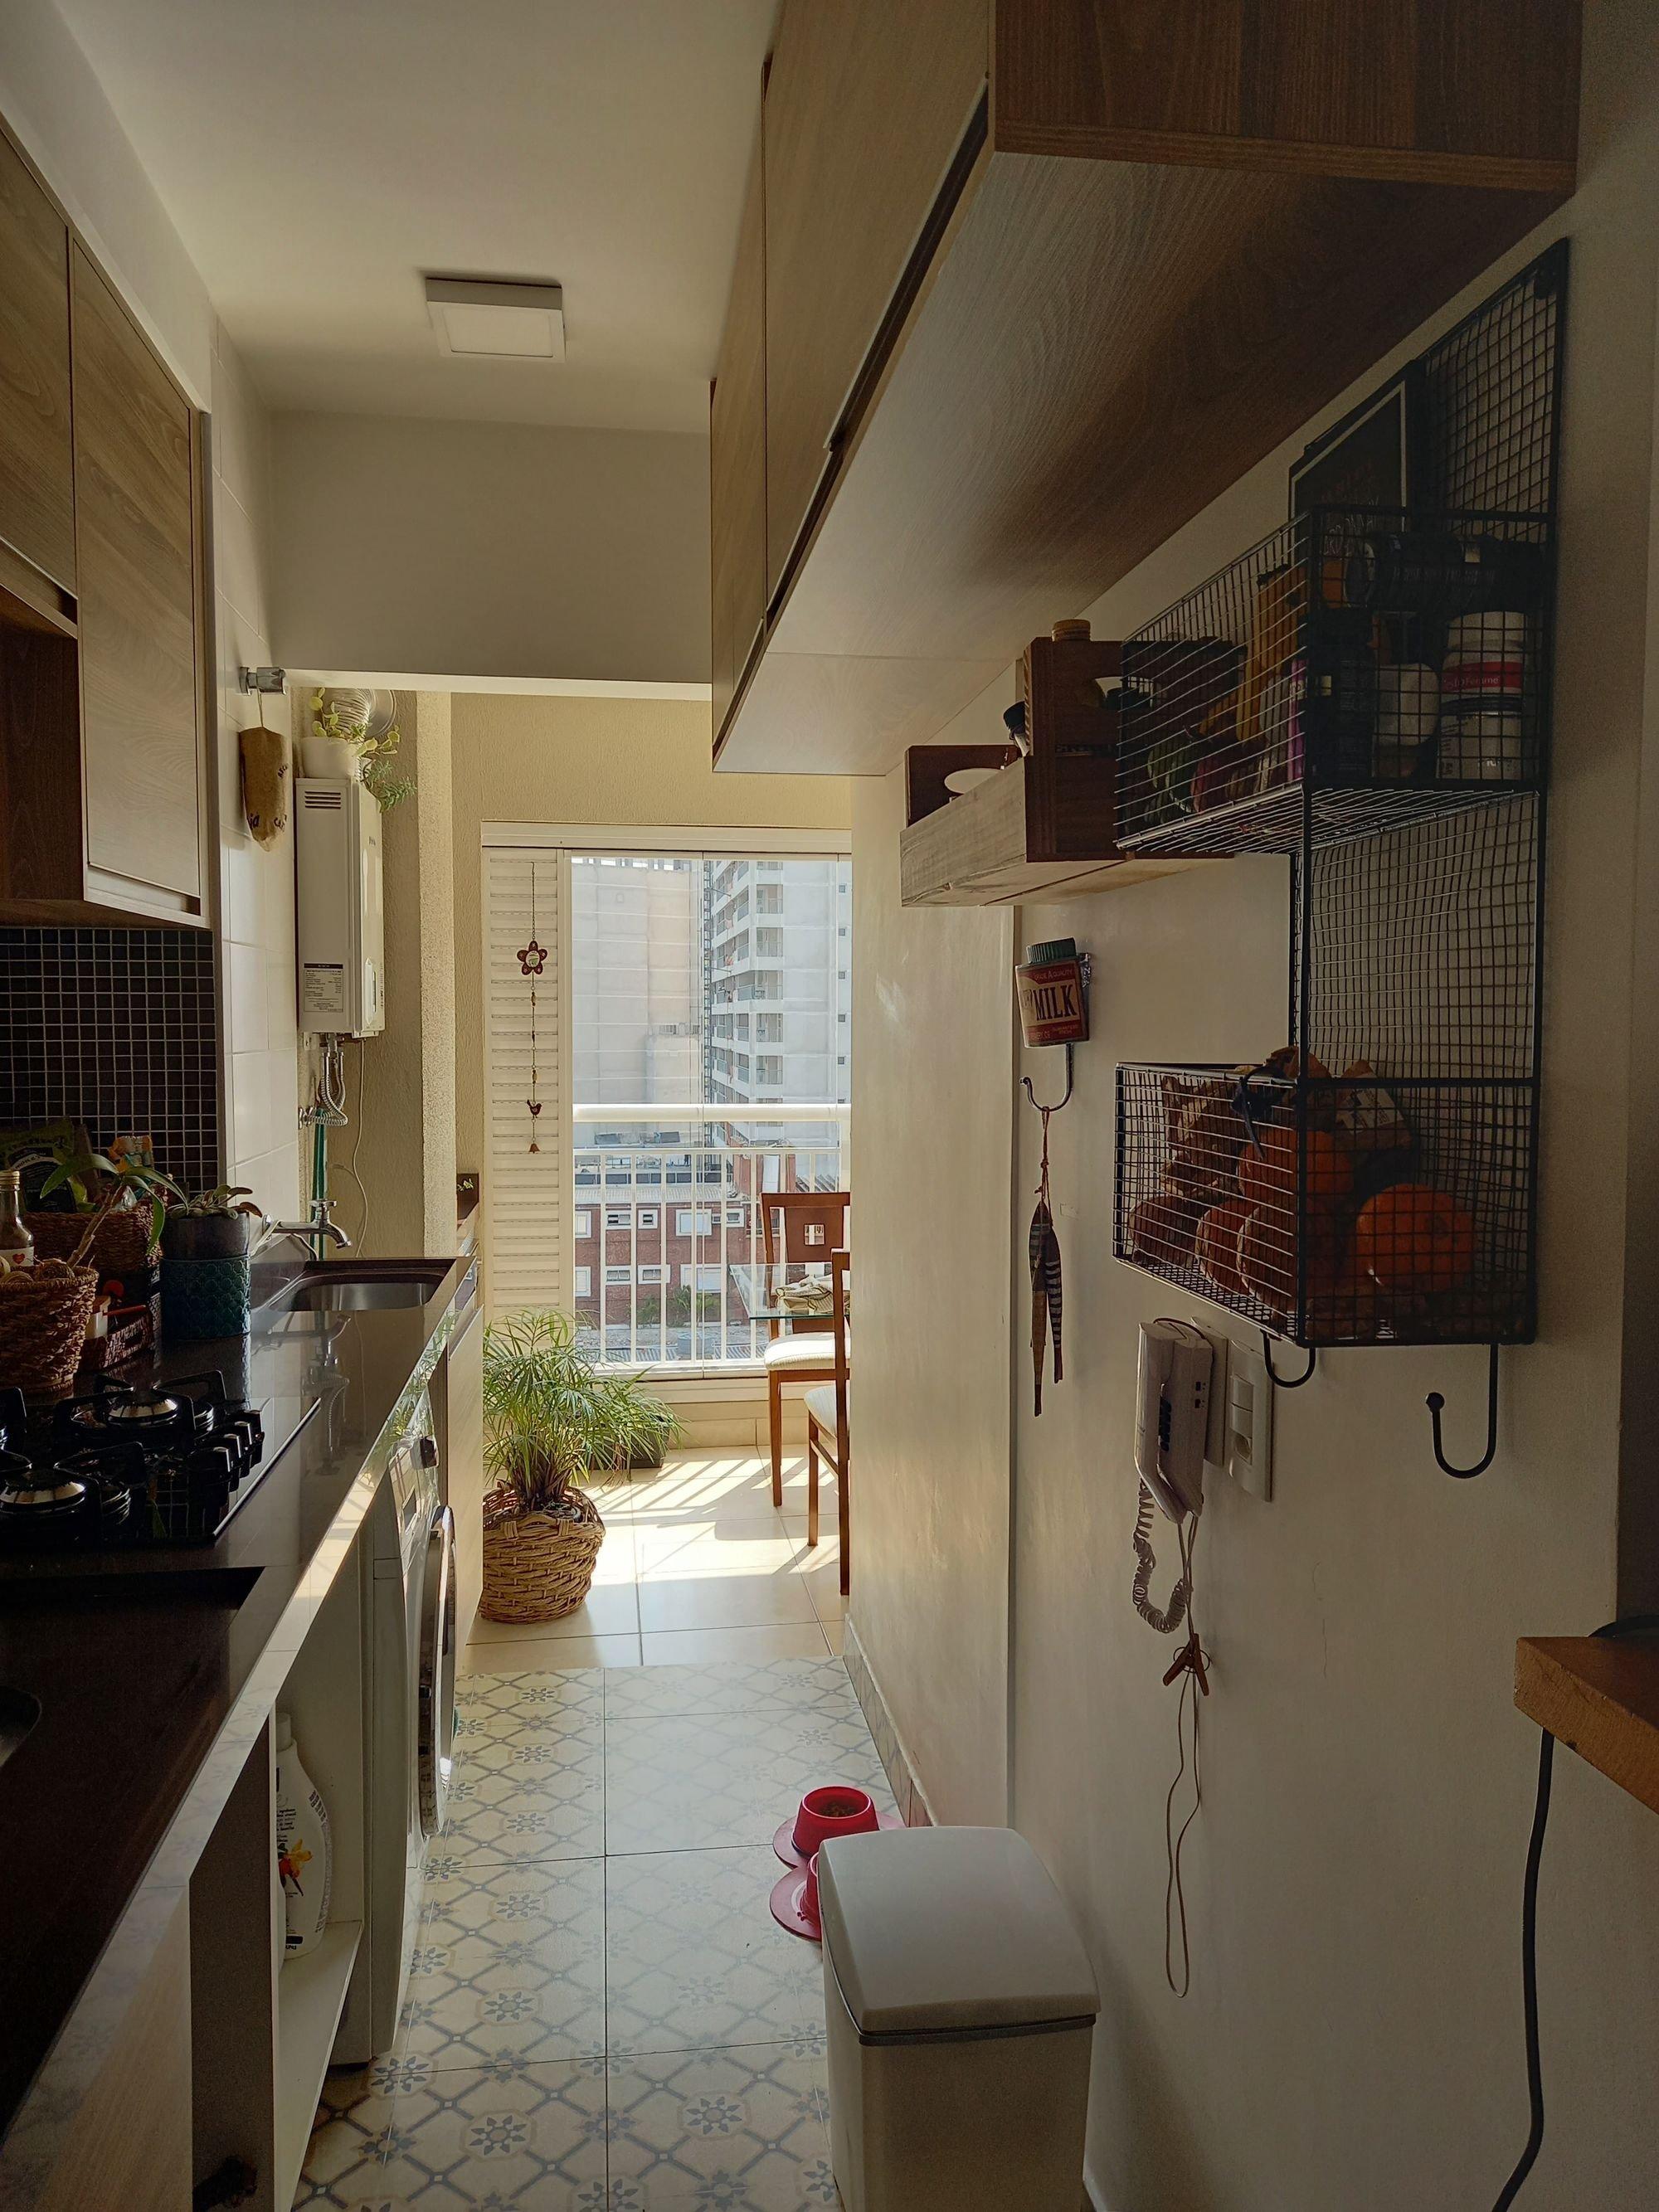 Foto de Cozinha com vaso de planta, cadeira